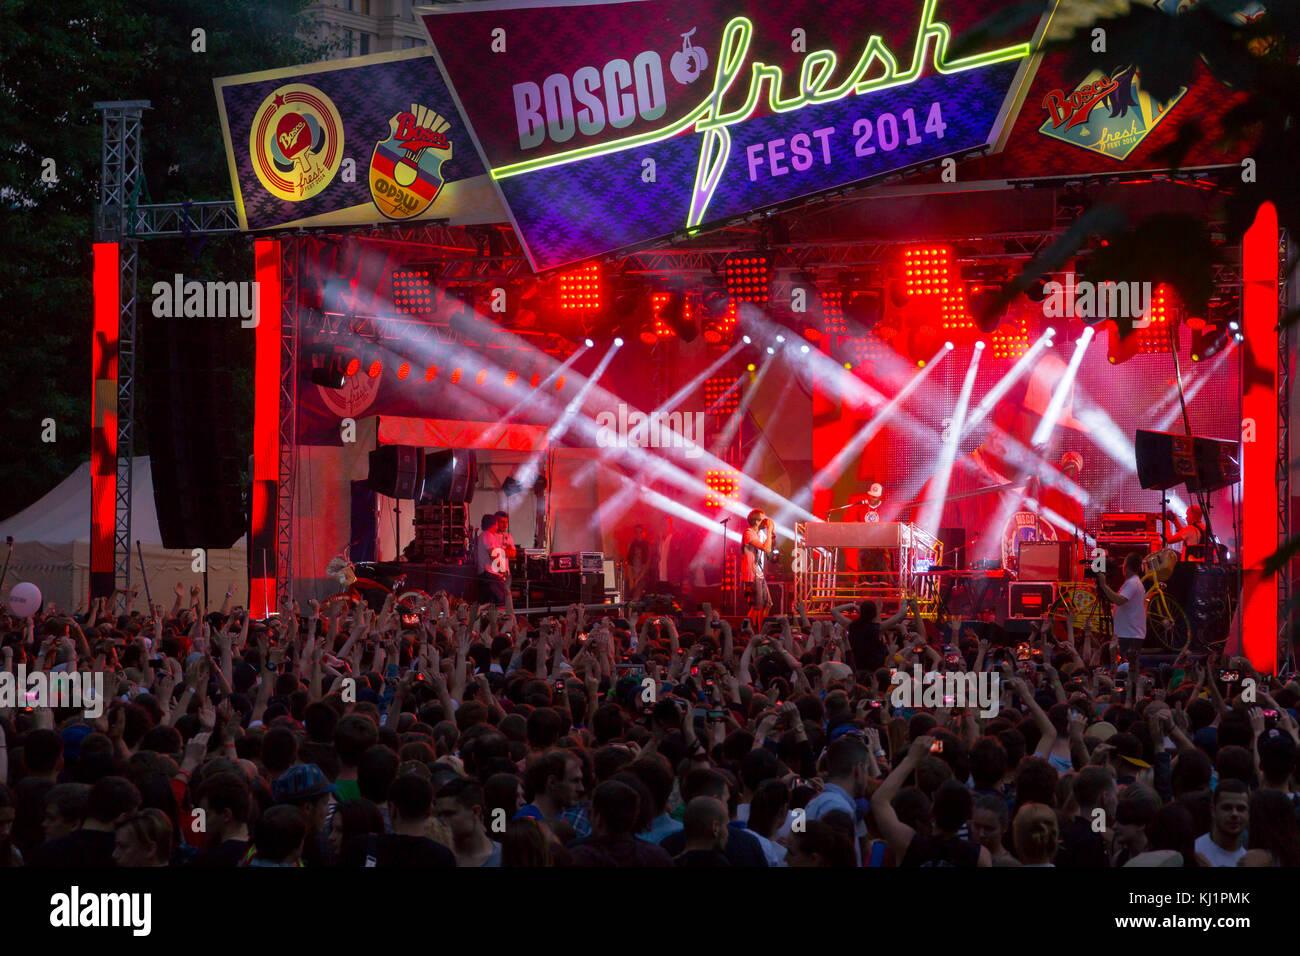 Bosco Fresh Festival - Stock Image